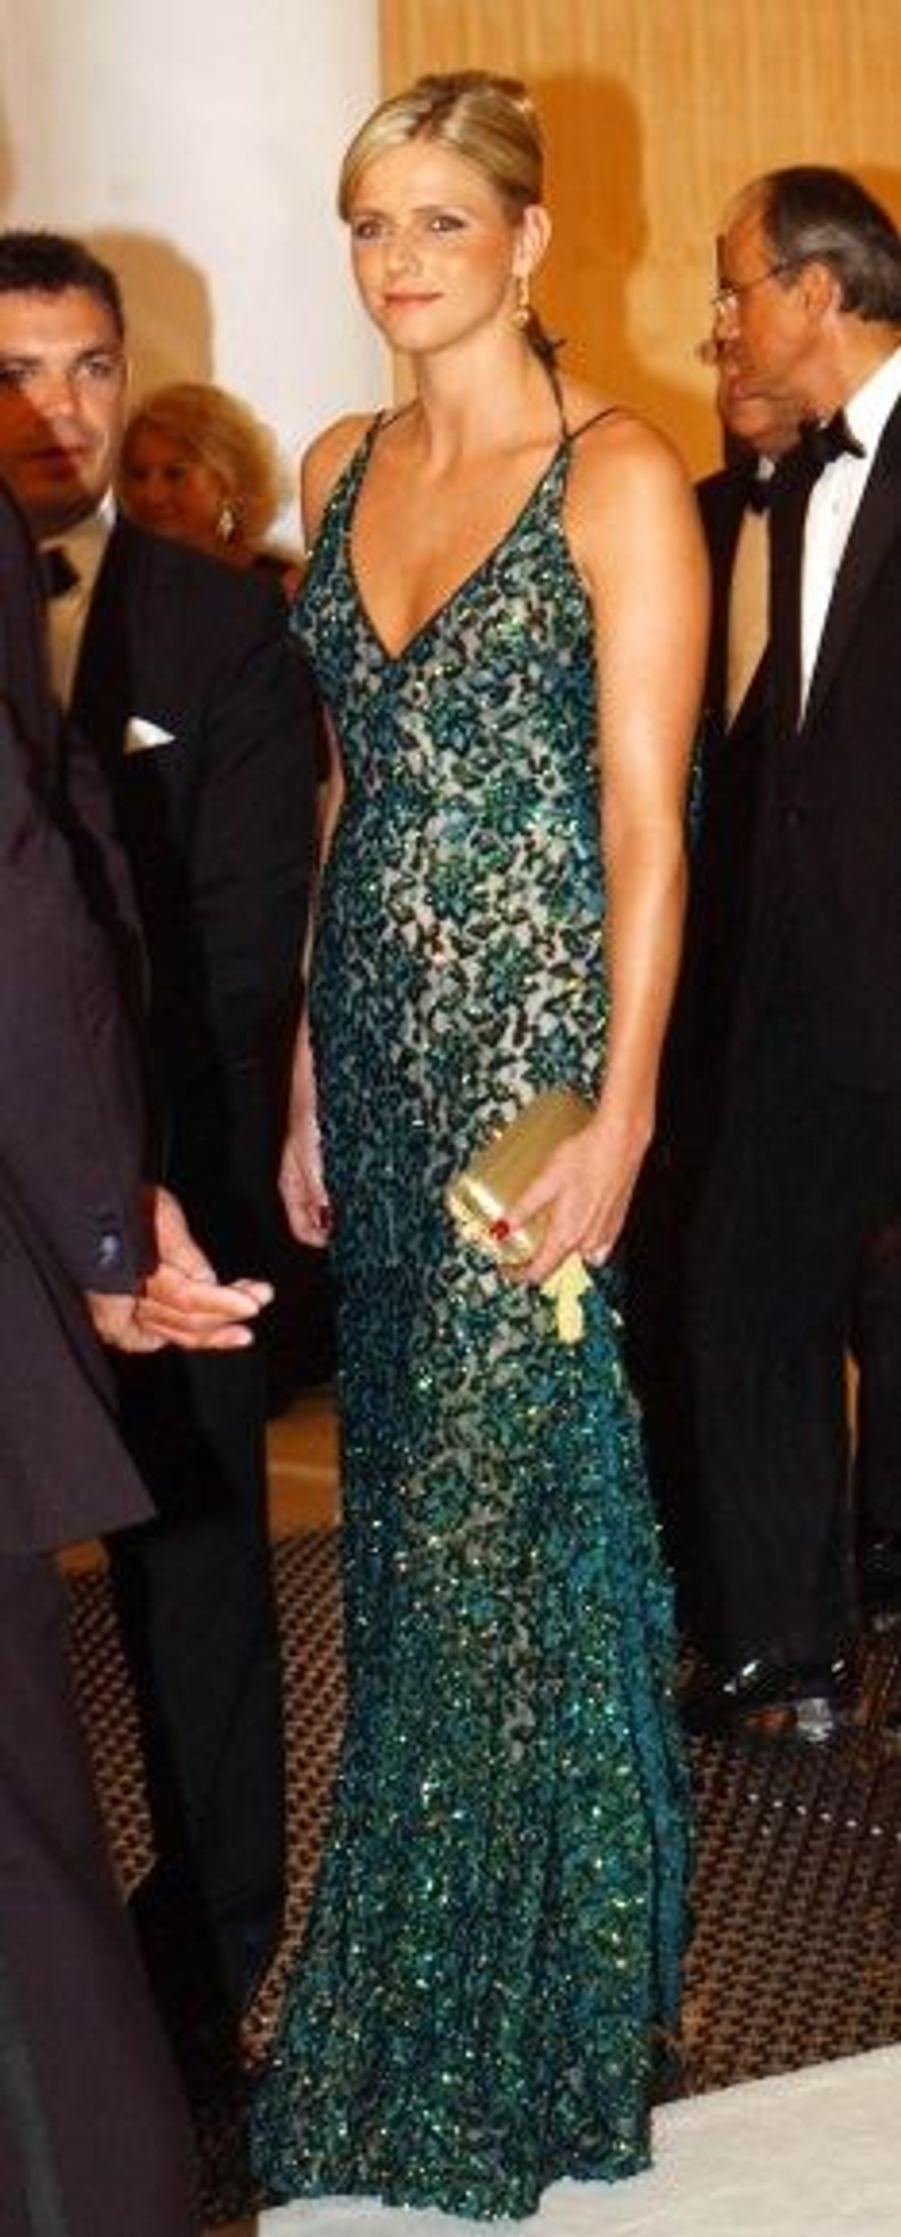 En août 2006, au 58ème bal de la Croix-Rouge. La robe de la sportive assortie à ses ongles vernis avait été vivement critiqué par la presse européenne, relevant une singulière faute de goût.